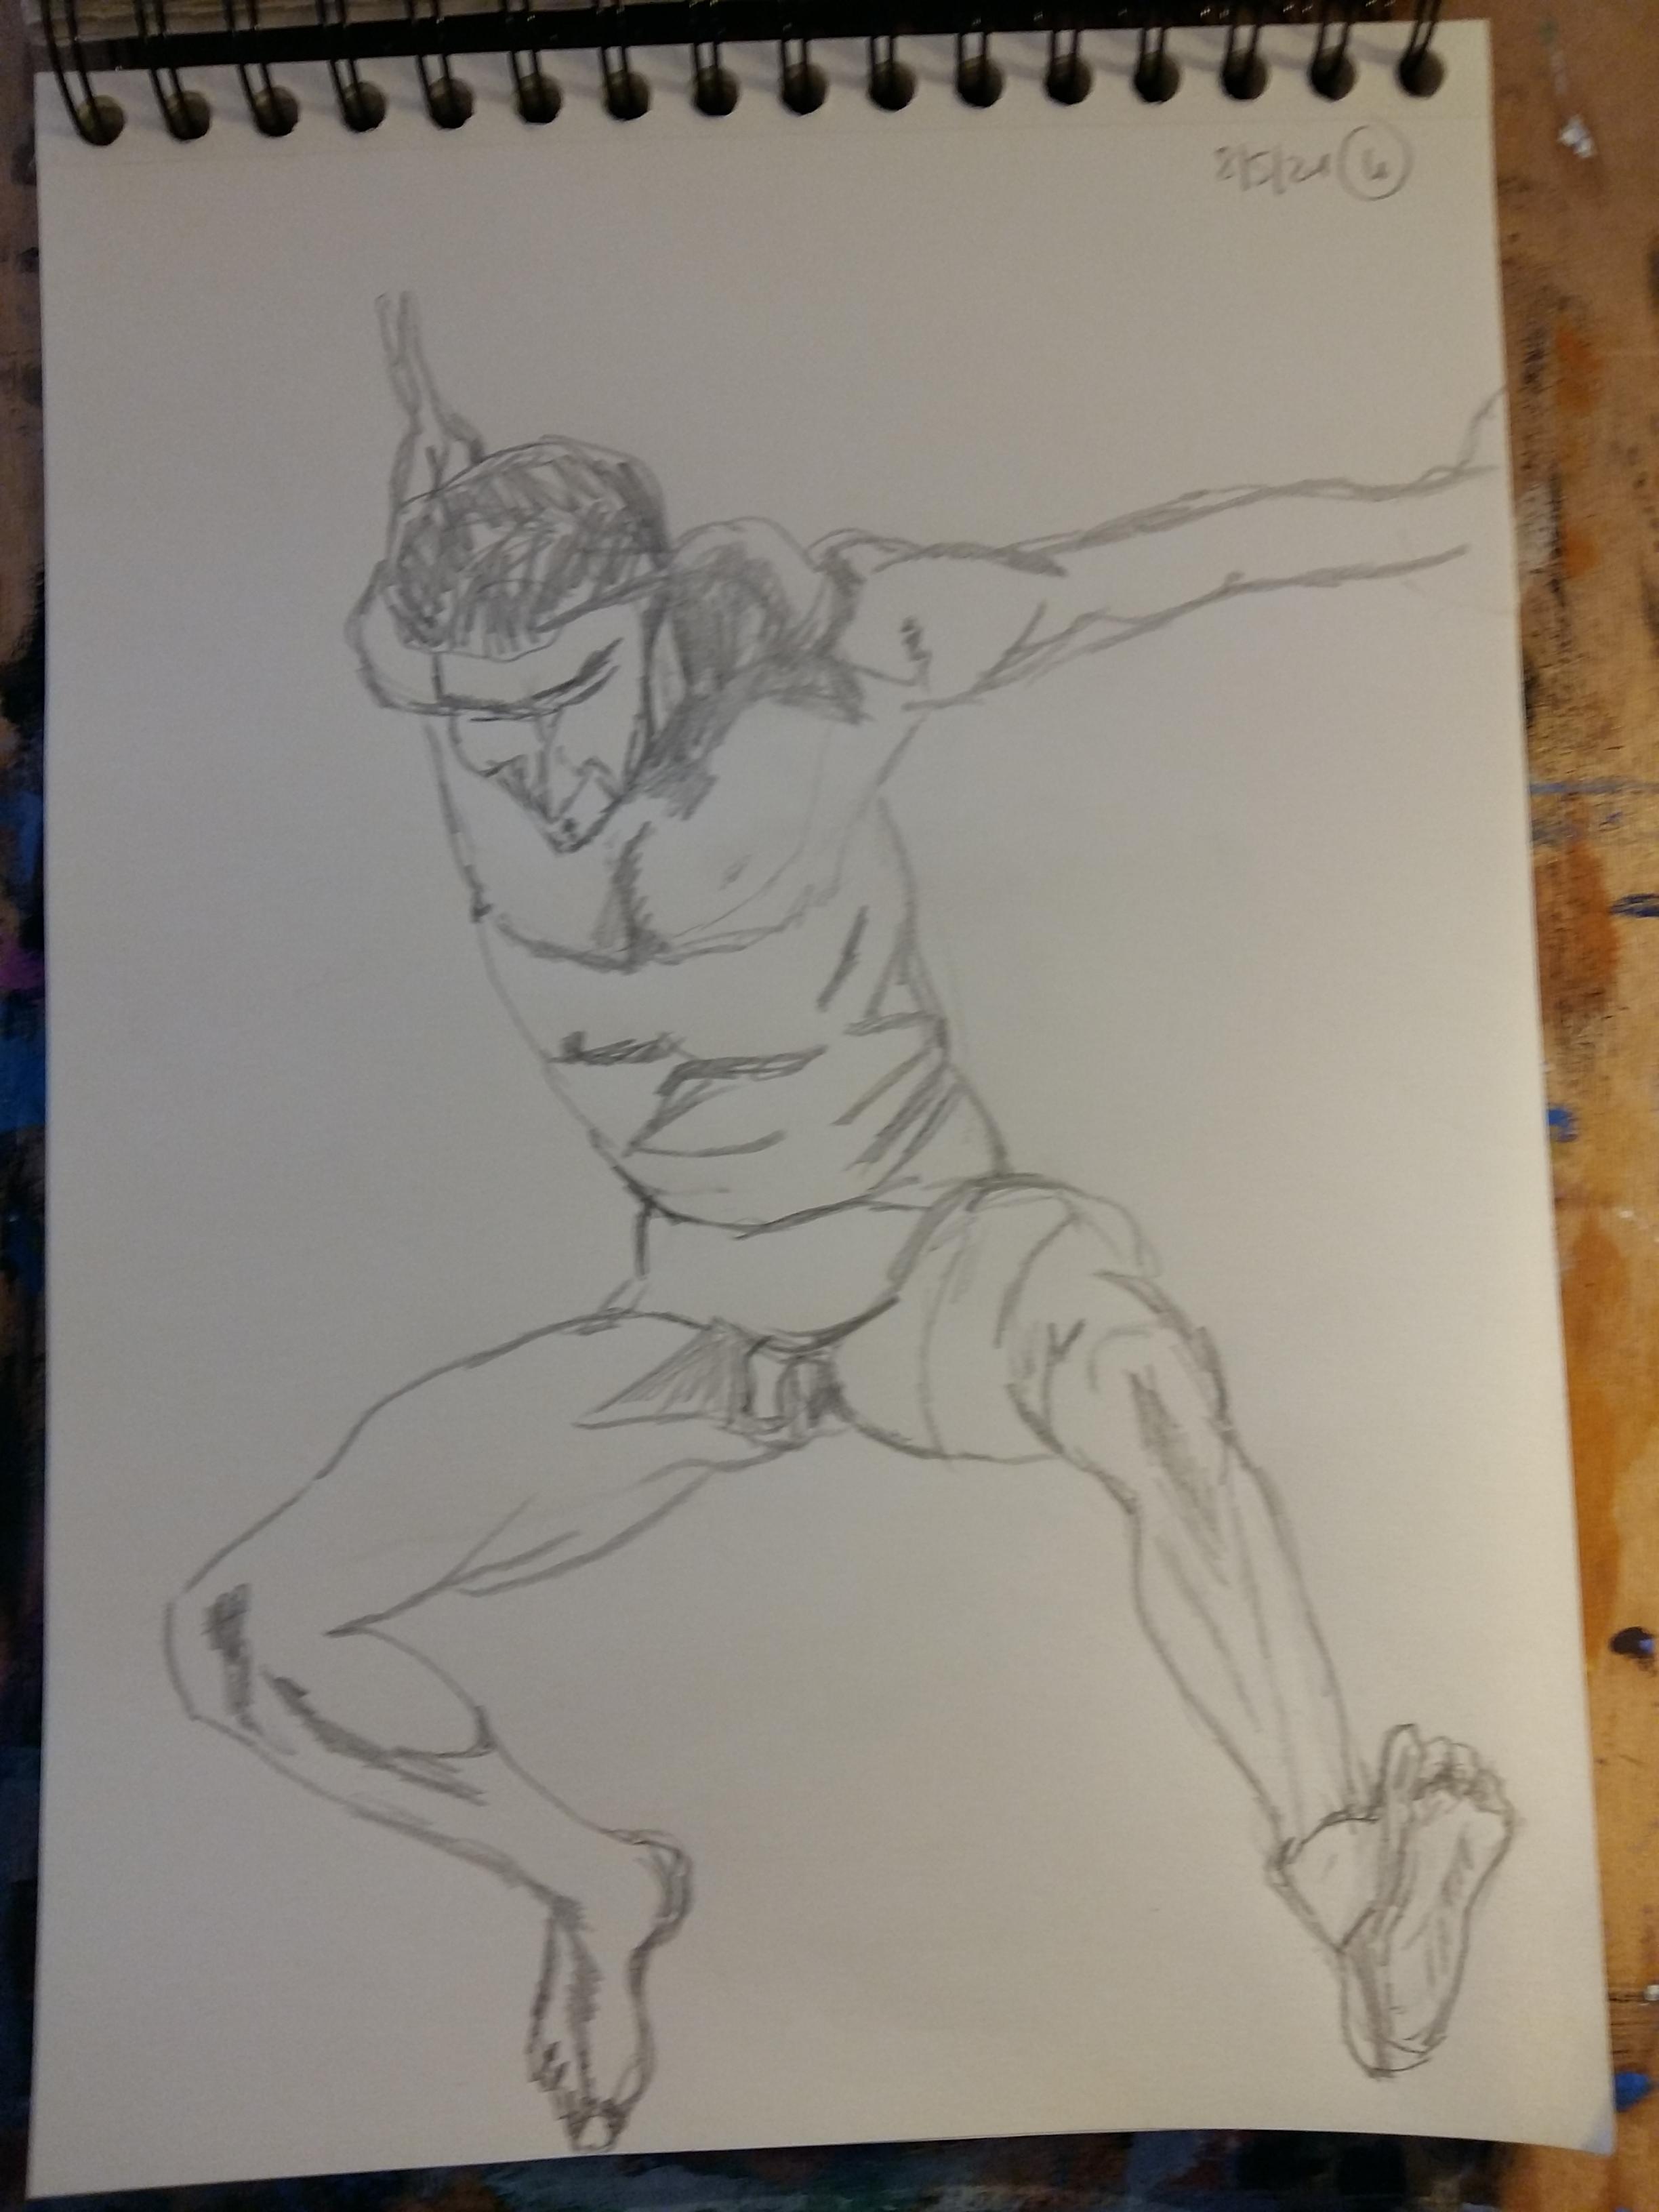 Dessin homme de face en extension avec raccourci graphique sur papier  cours de dessin